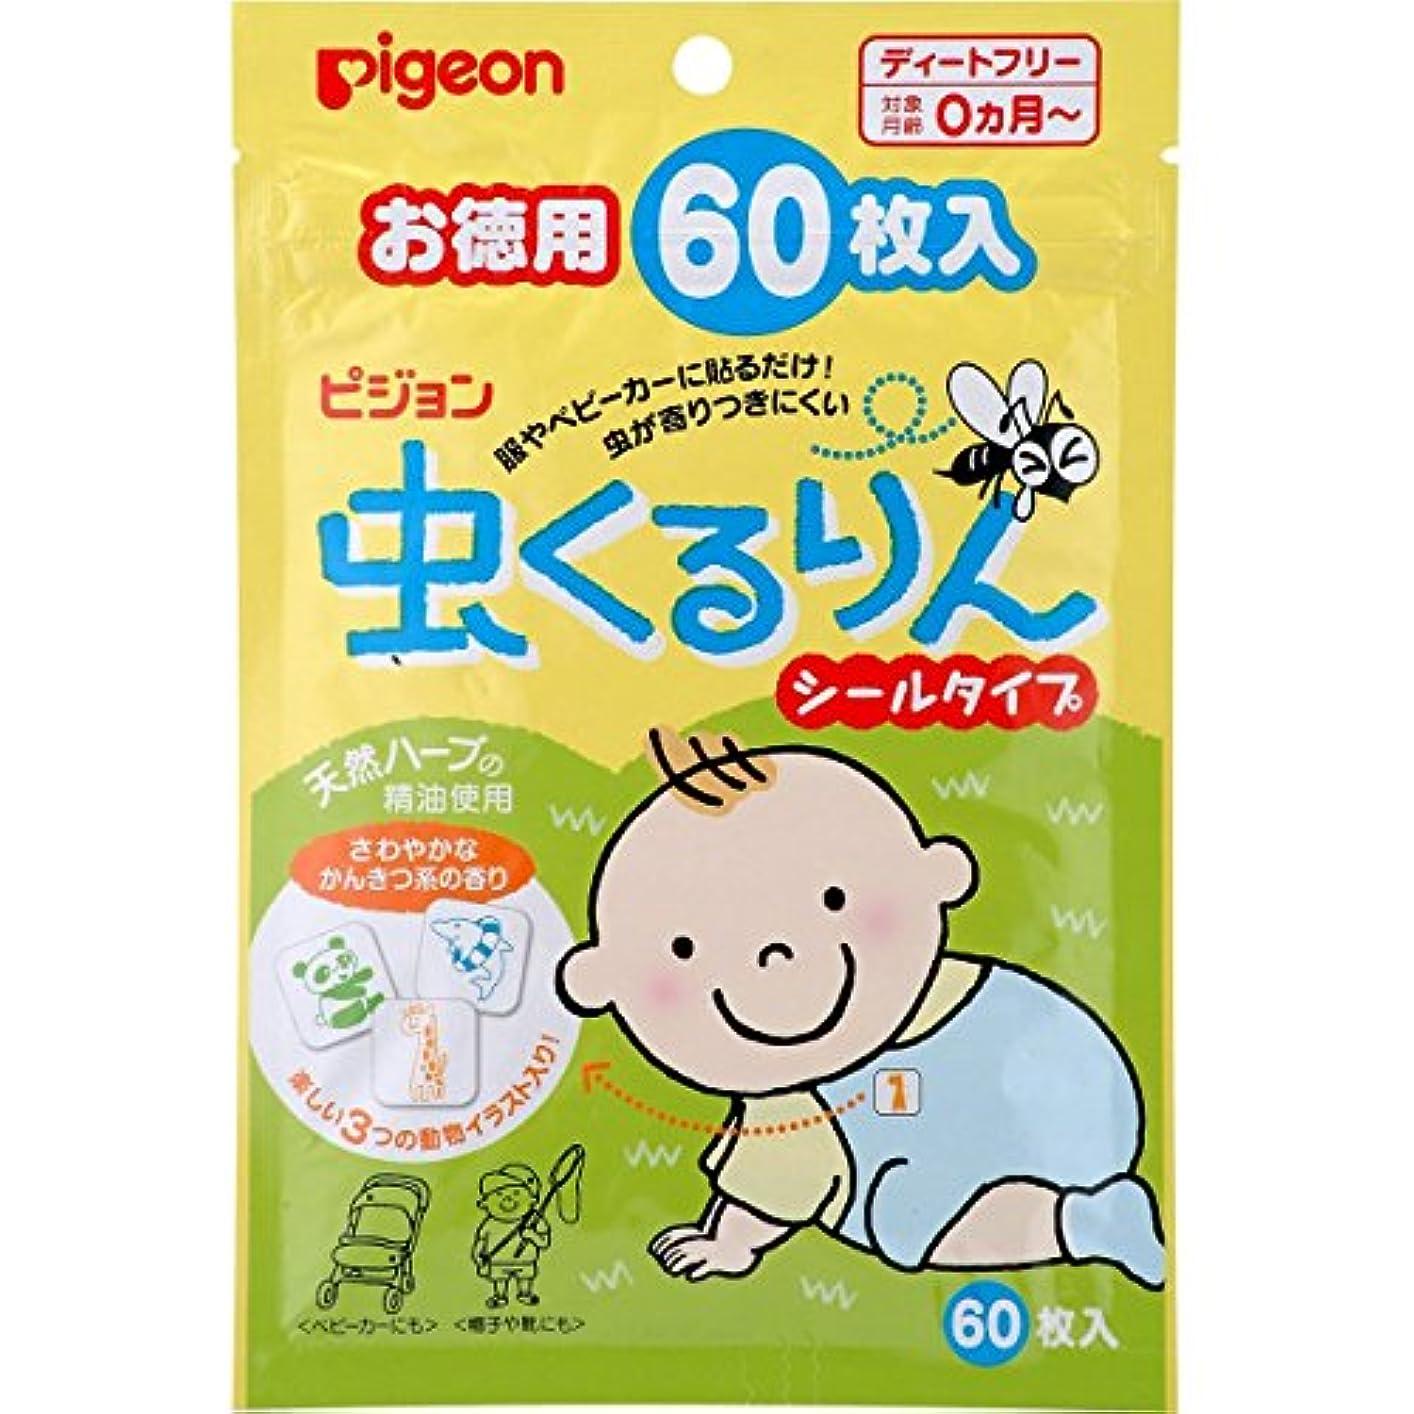 【ピジョン】虫くるりん シールタイプ お徳用 (60枚入) ×5個セット